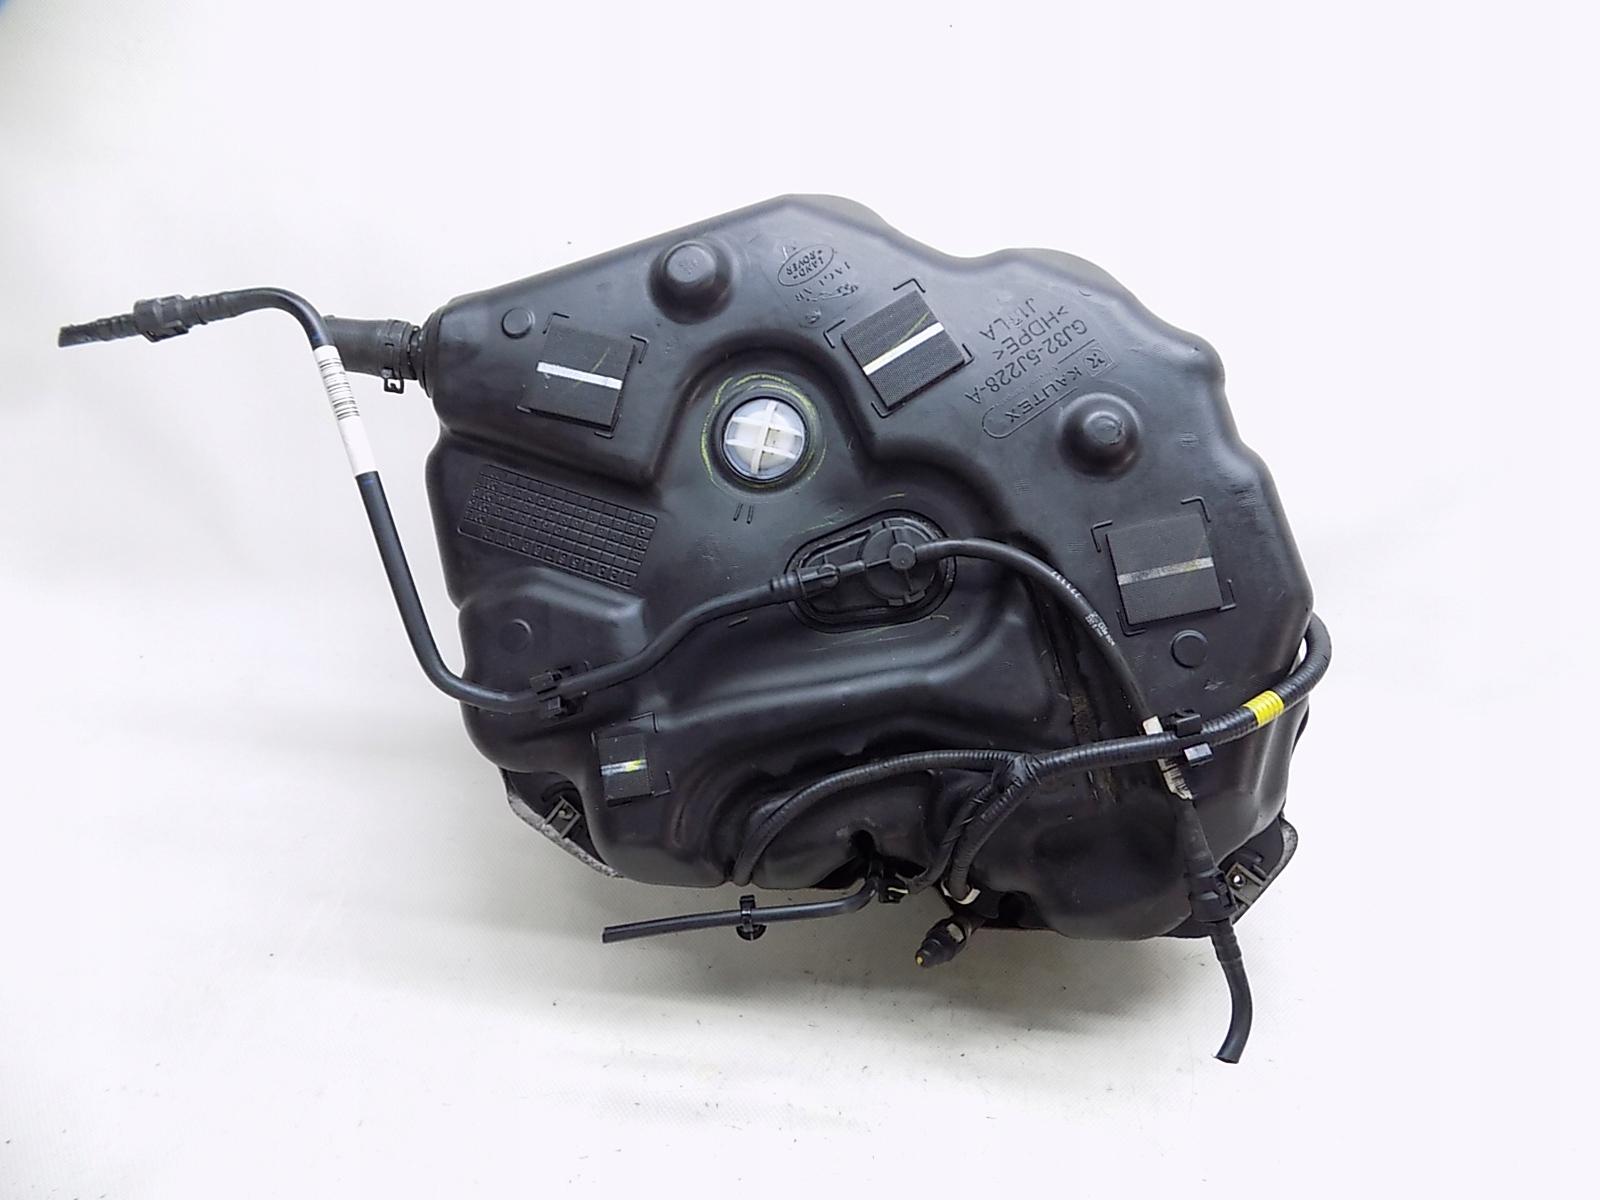 бак adblue компл - range rover evoque 20d